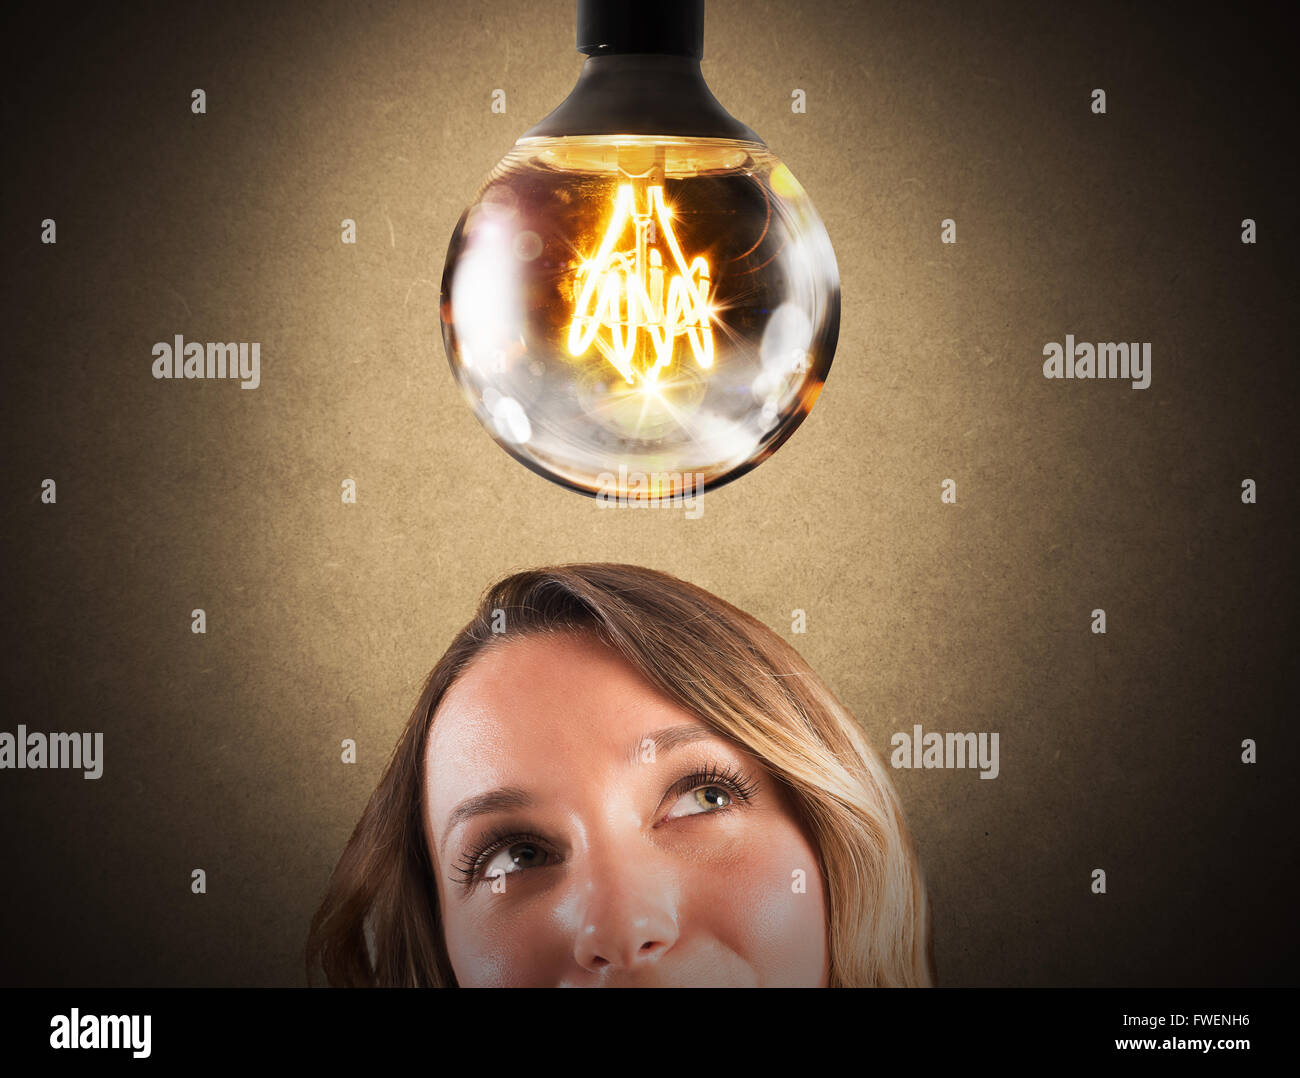 Ampoule brillant Photo Stock